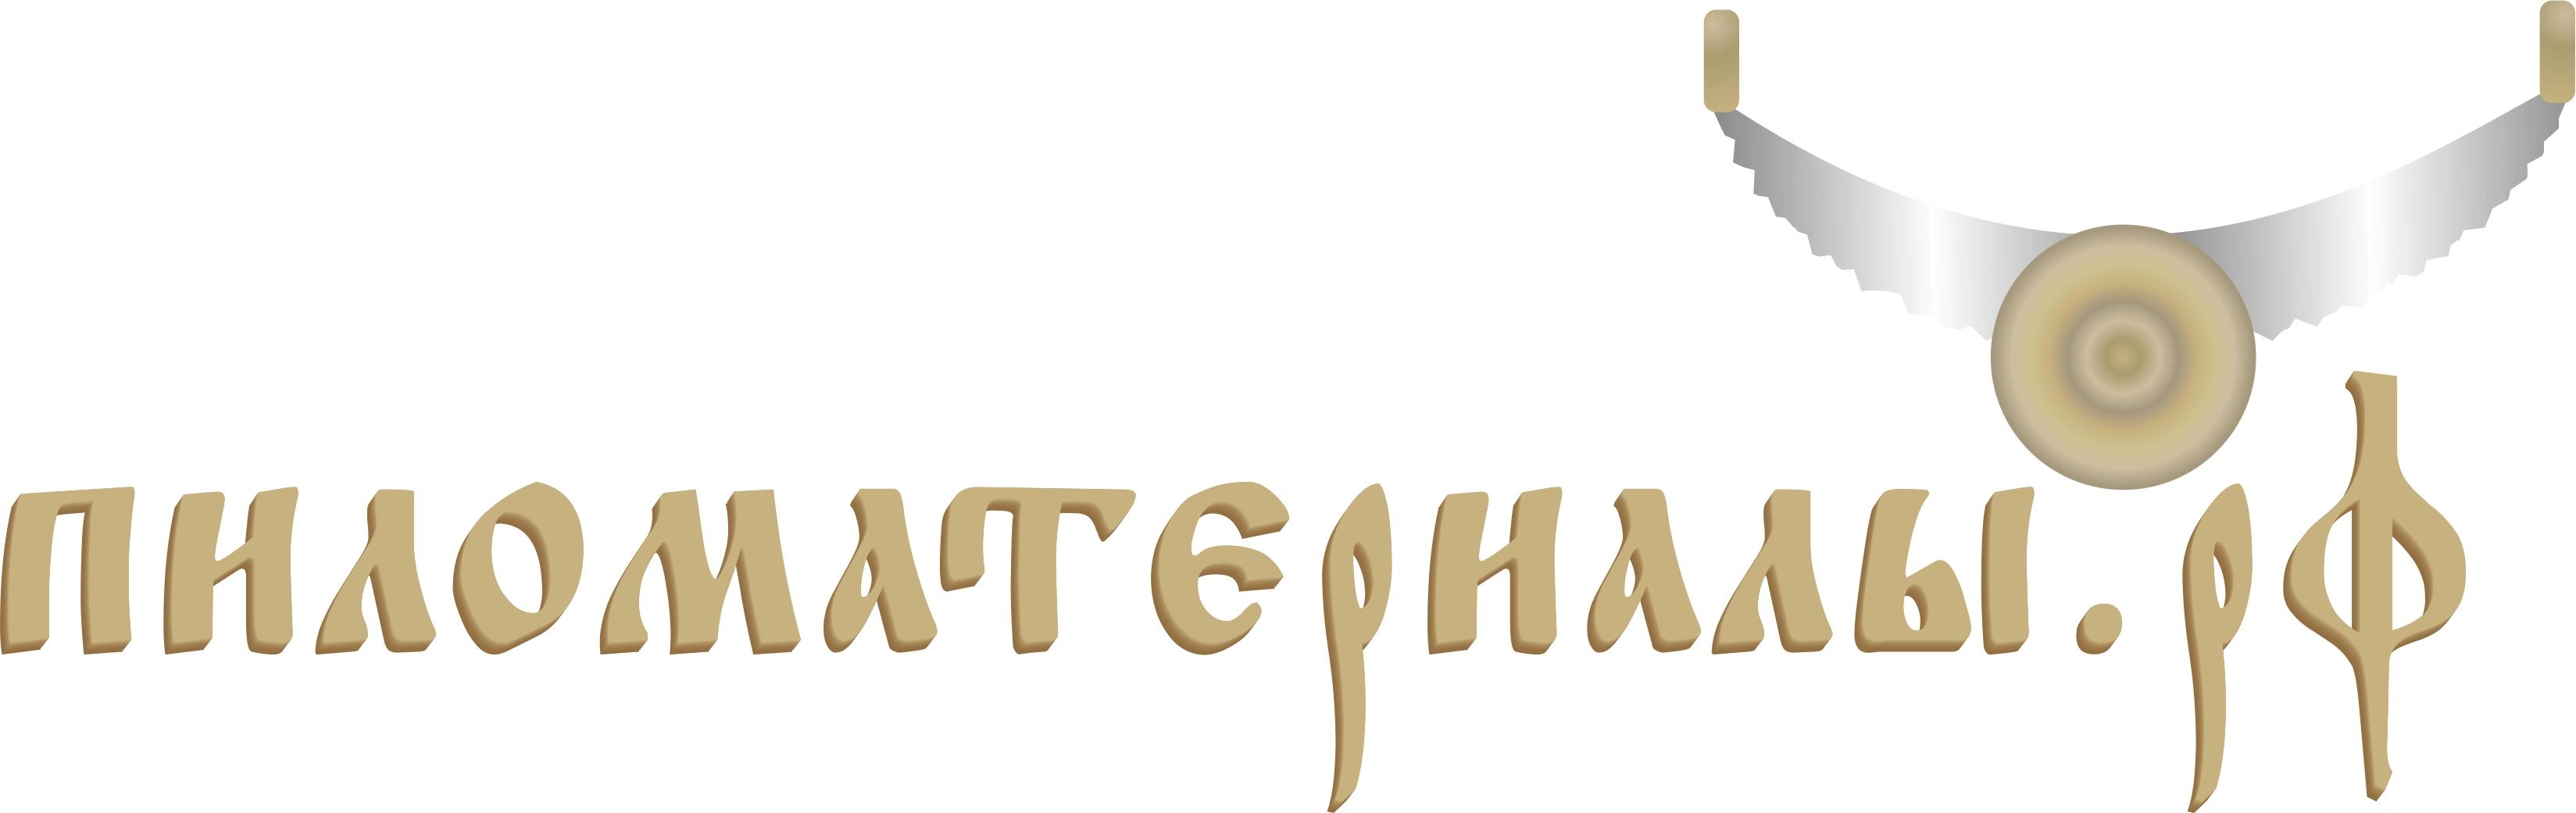 """Создание логотипа и фирменного стиля """"Пиломатериалы.РФ"""" фото f_979530f006eaecbd.jpg"""